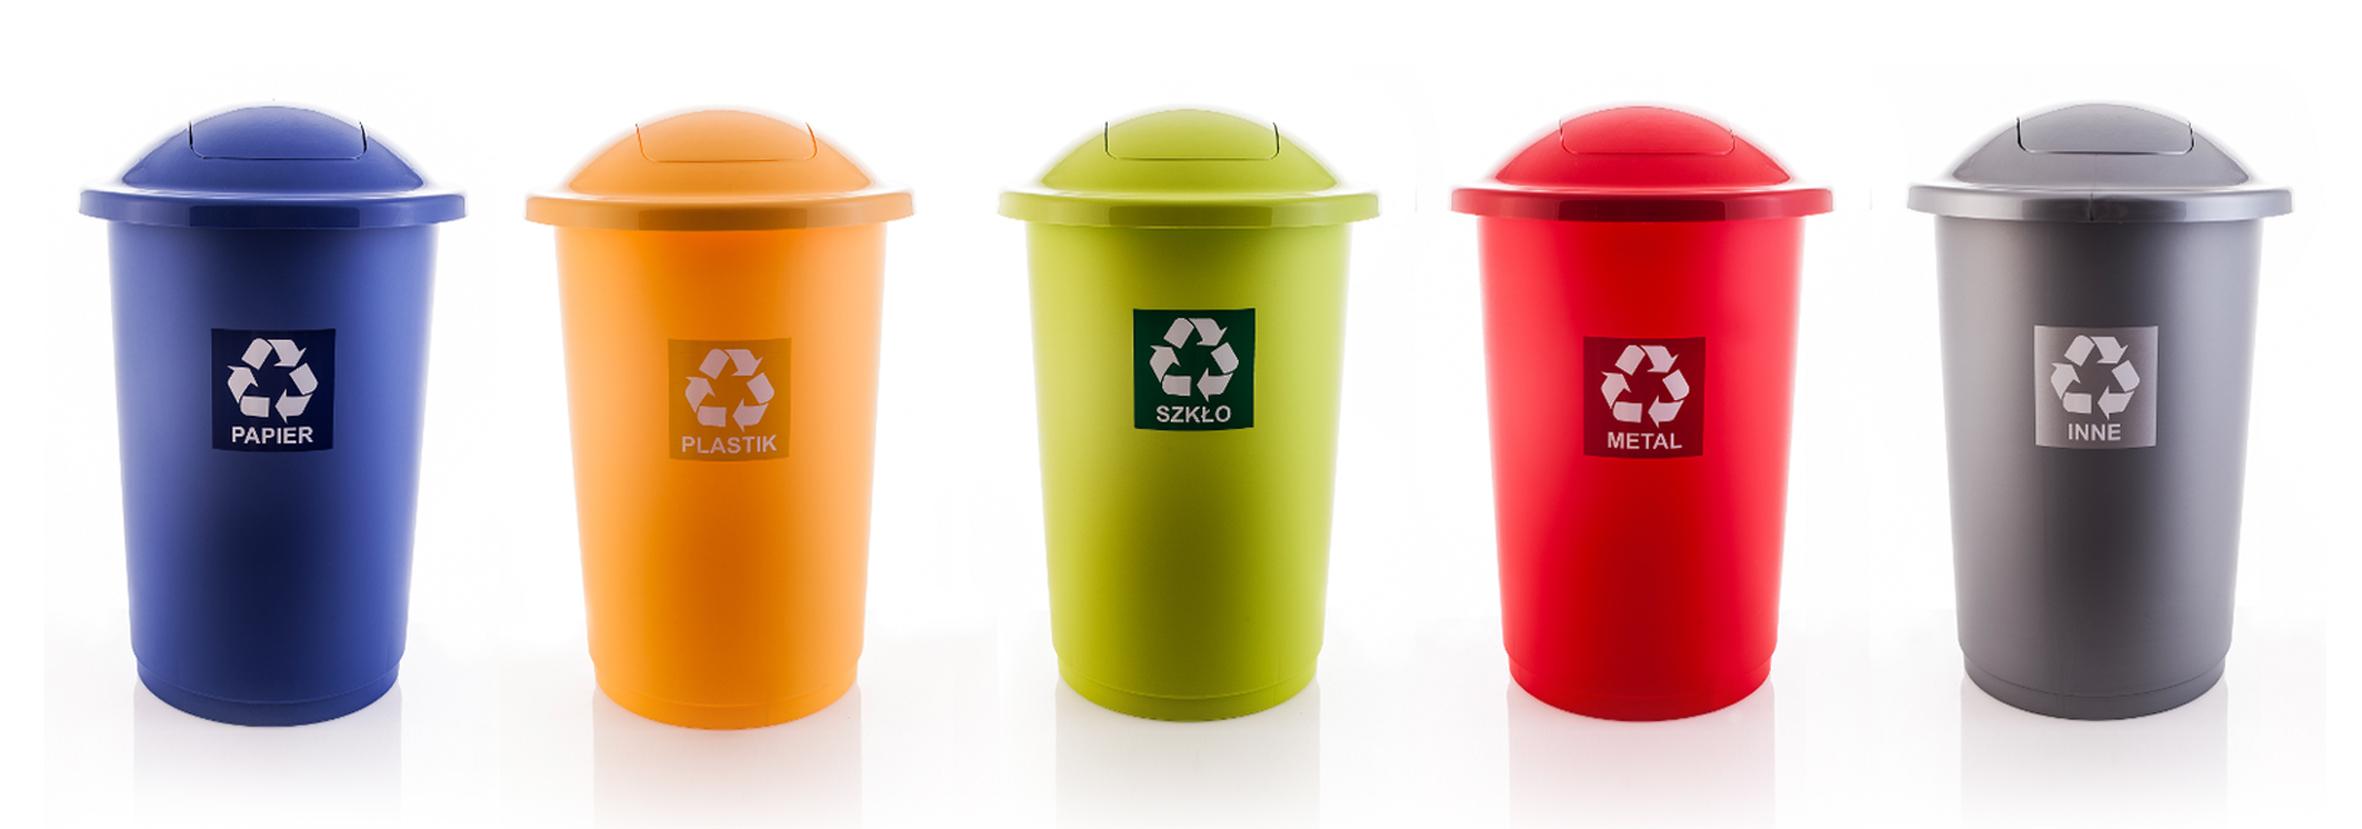 Segregacja odpadów w lokalach gastronomicznych